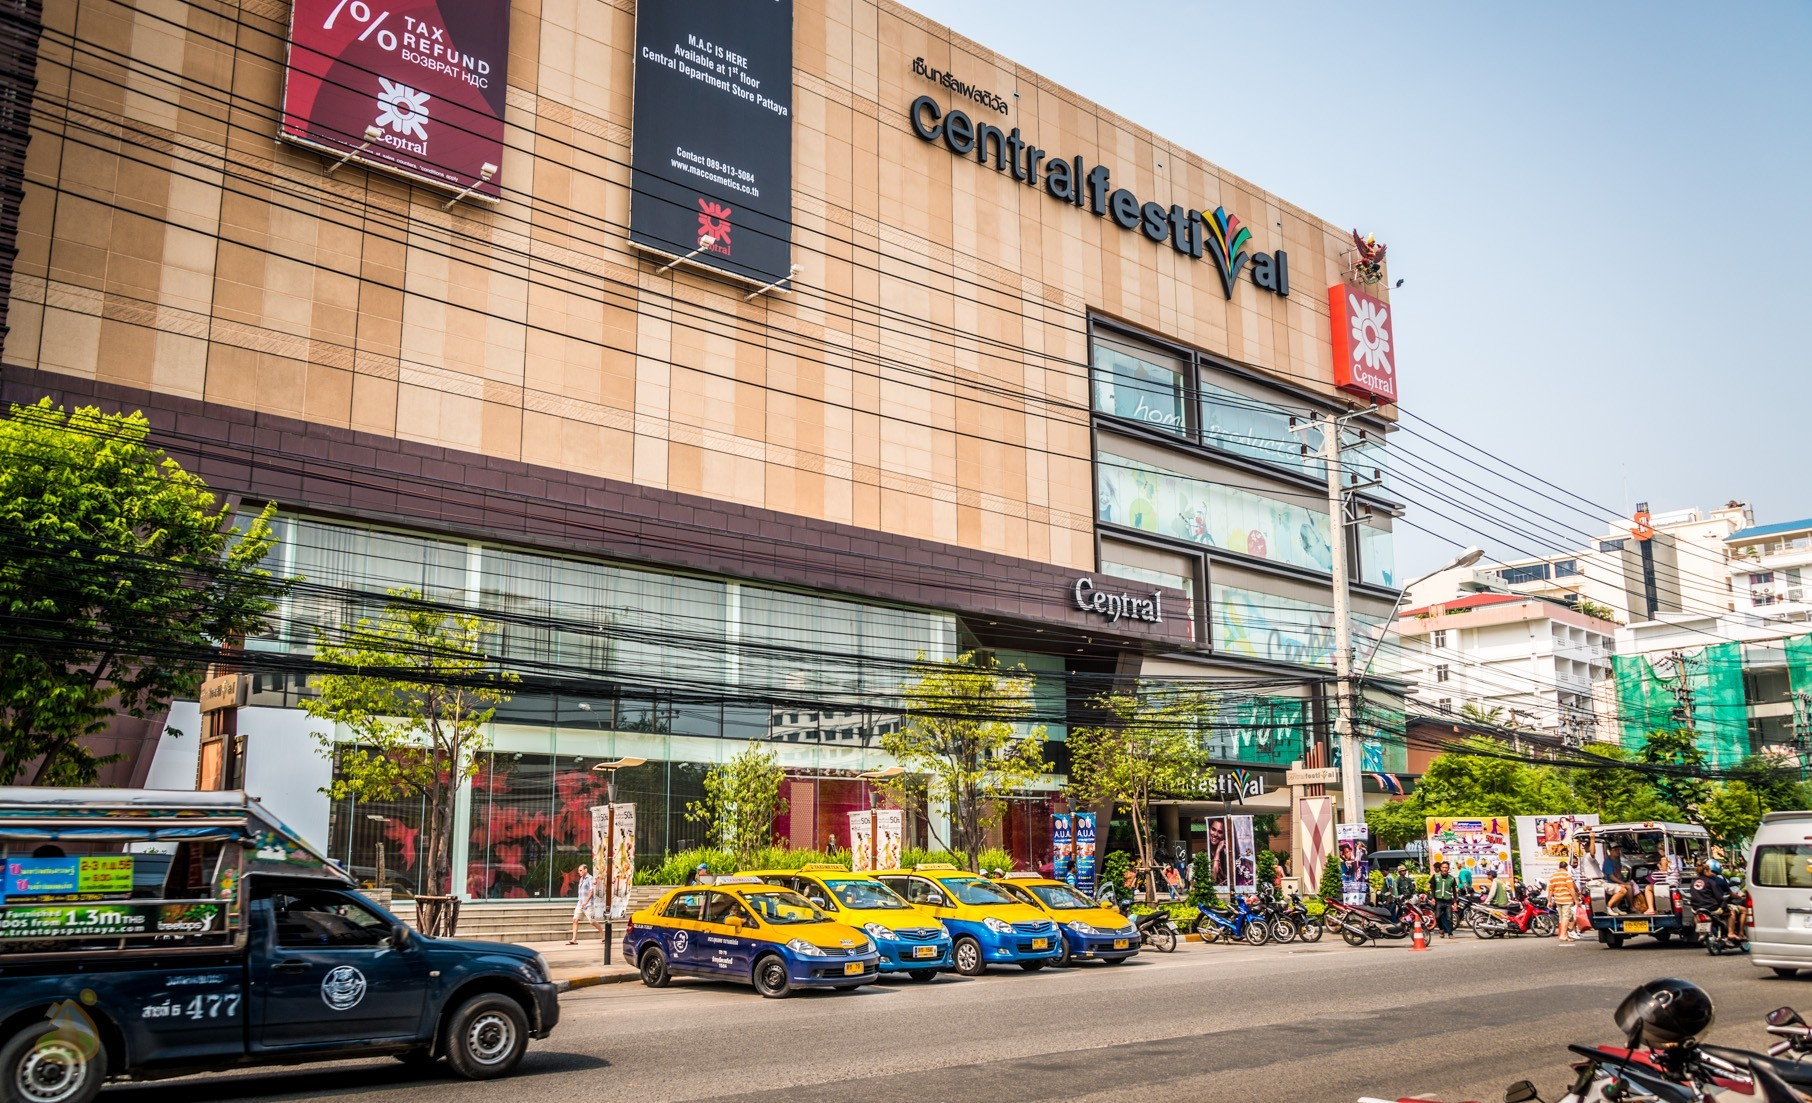 Централ фестиваль – торговый центр в Паттайе